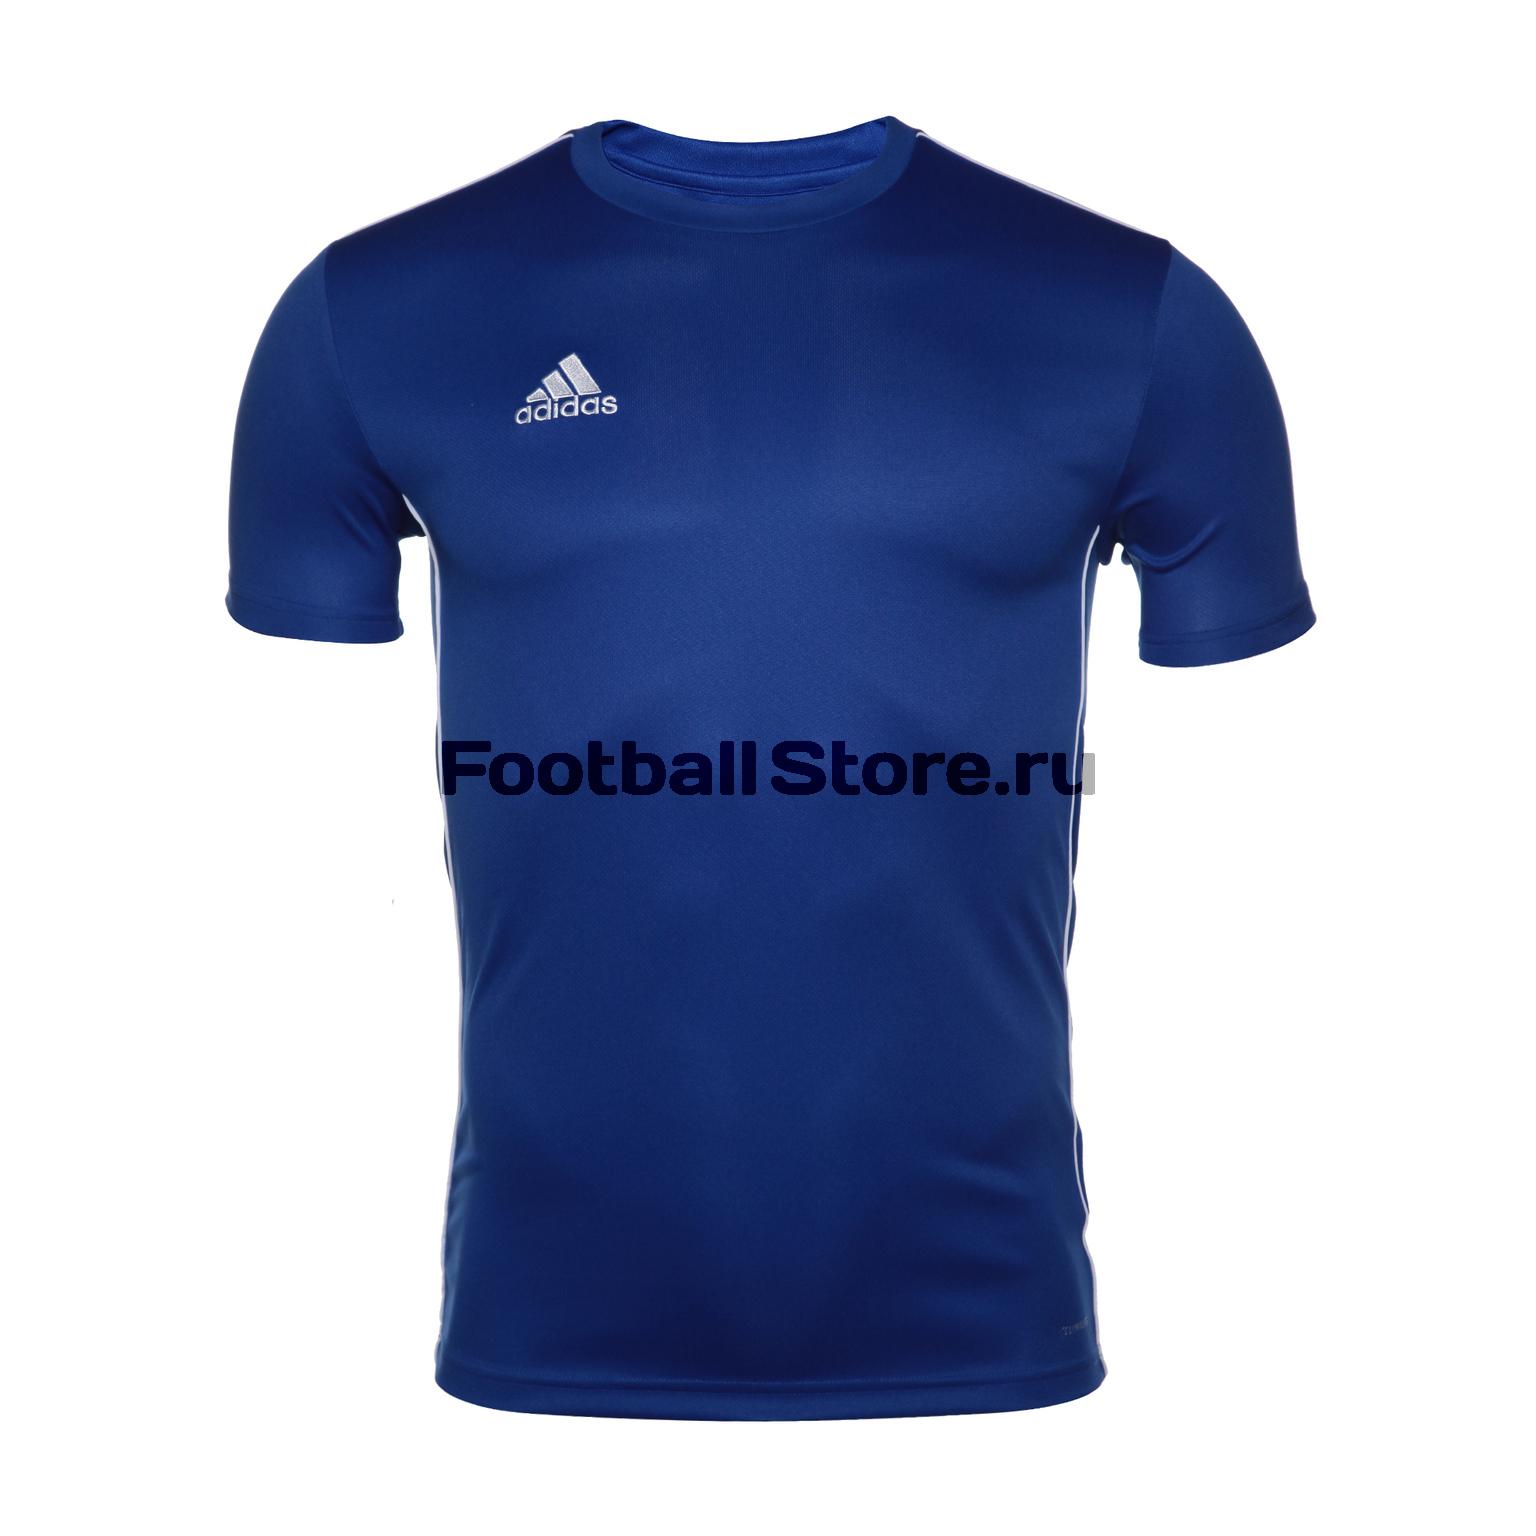 Футболка тренировочная Adidas Core18 JSY CV3451 цены онлайн